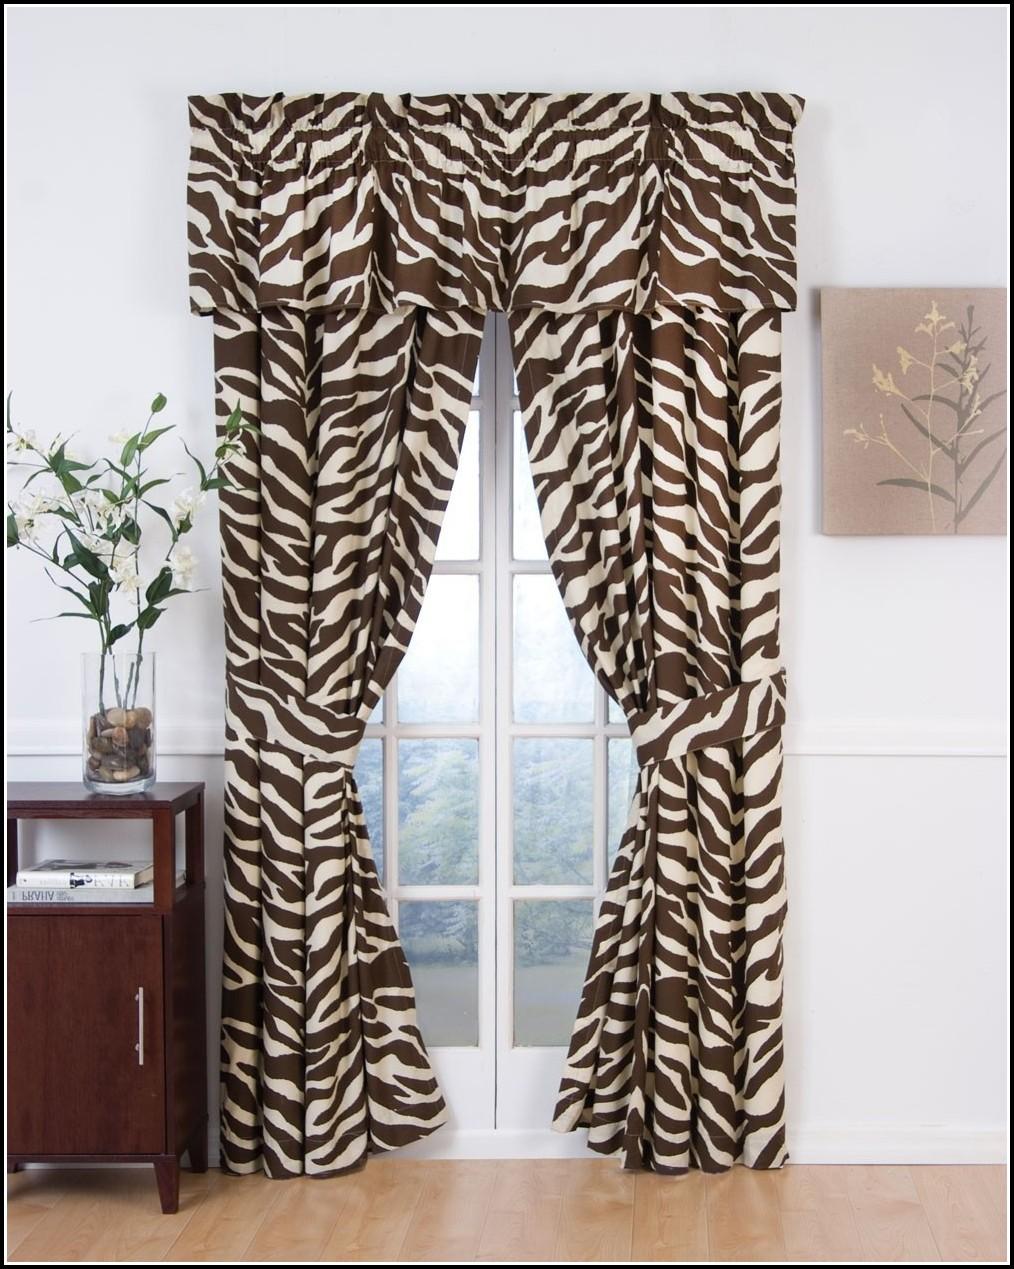 Animal Print Bathroom Window Curtains